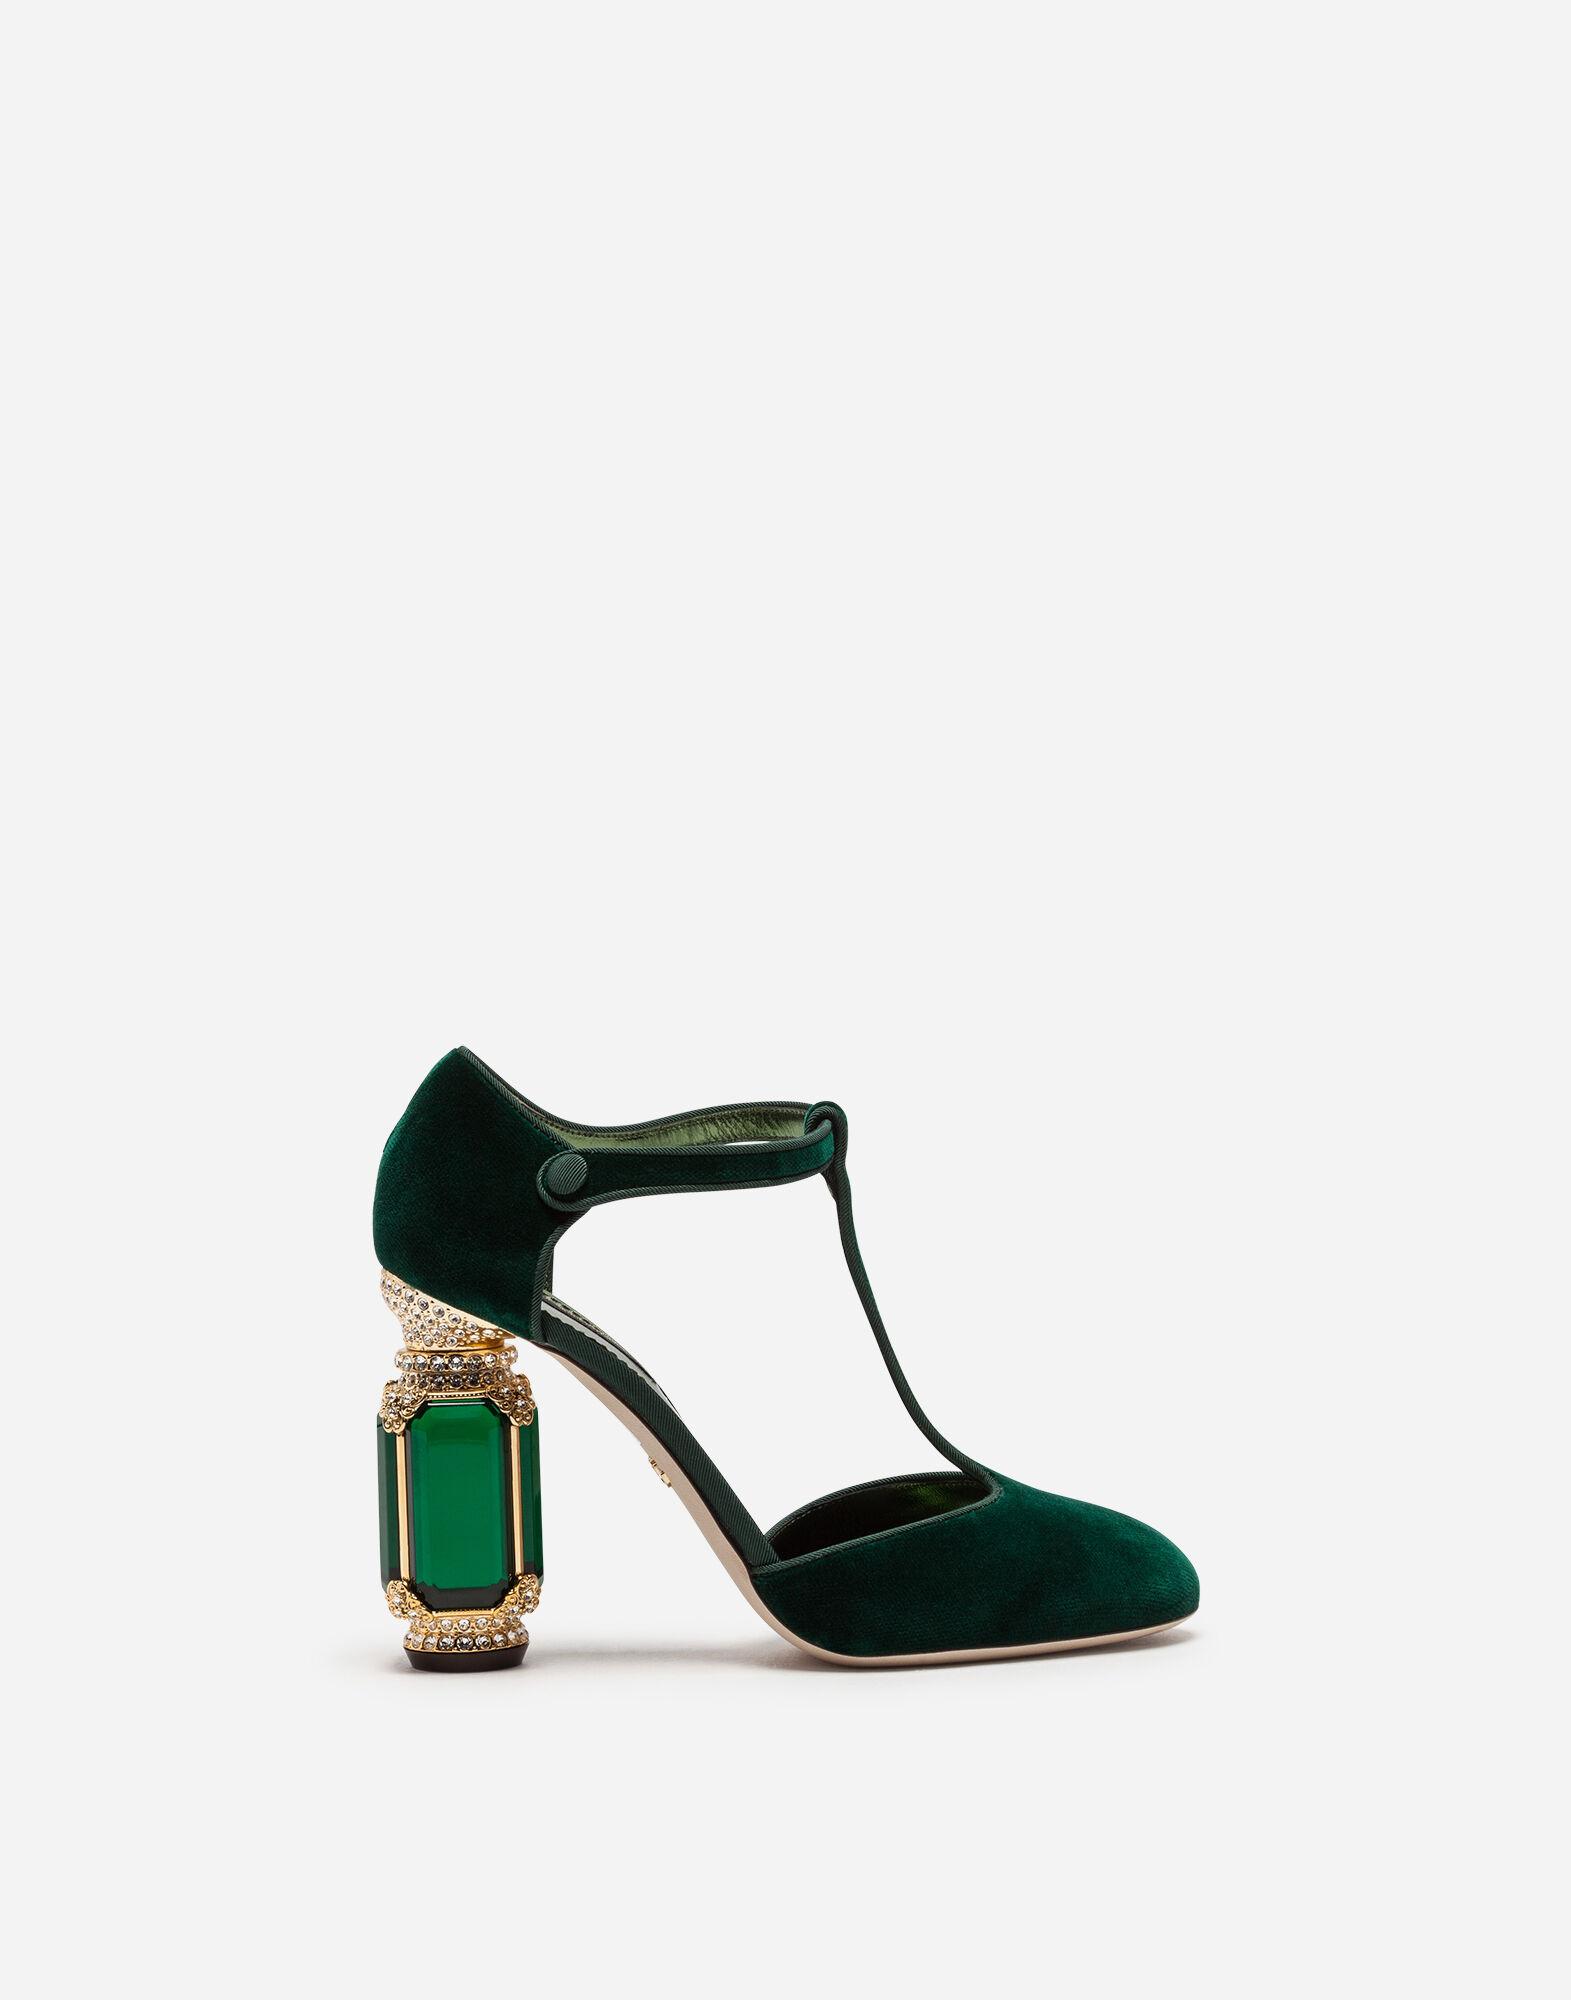 a2c1957eb12 Con De Sandalias Tacón Zapatos amp gabbana Nueva Dolce Colección 0zqqwdv